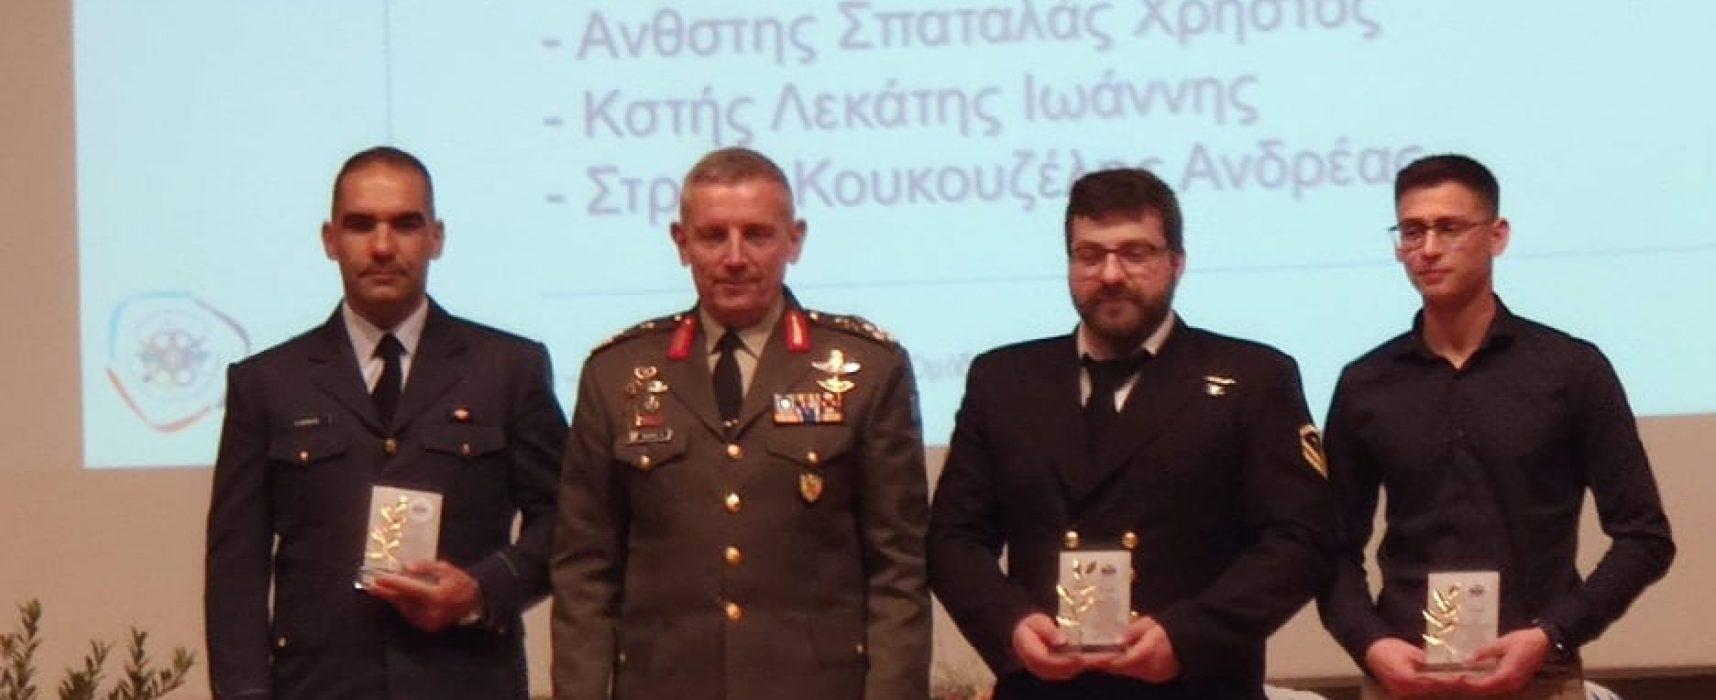 Βραβεύσεις για τις επιτυχίες της Ελλάδας στο 1ο Ευρωπαϊκό Στρατιωτικό Πρωτάθλημα τοξοβολίας